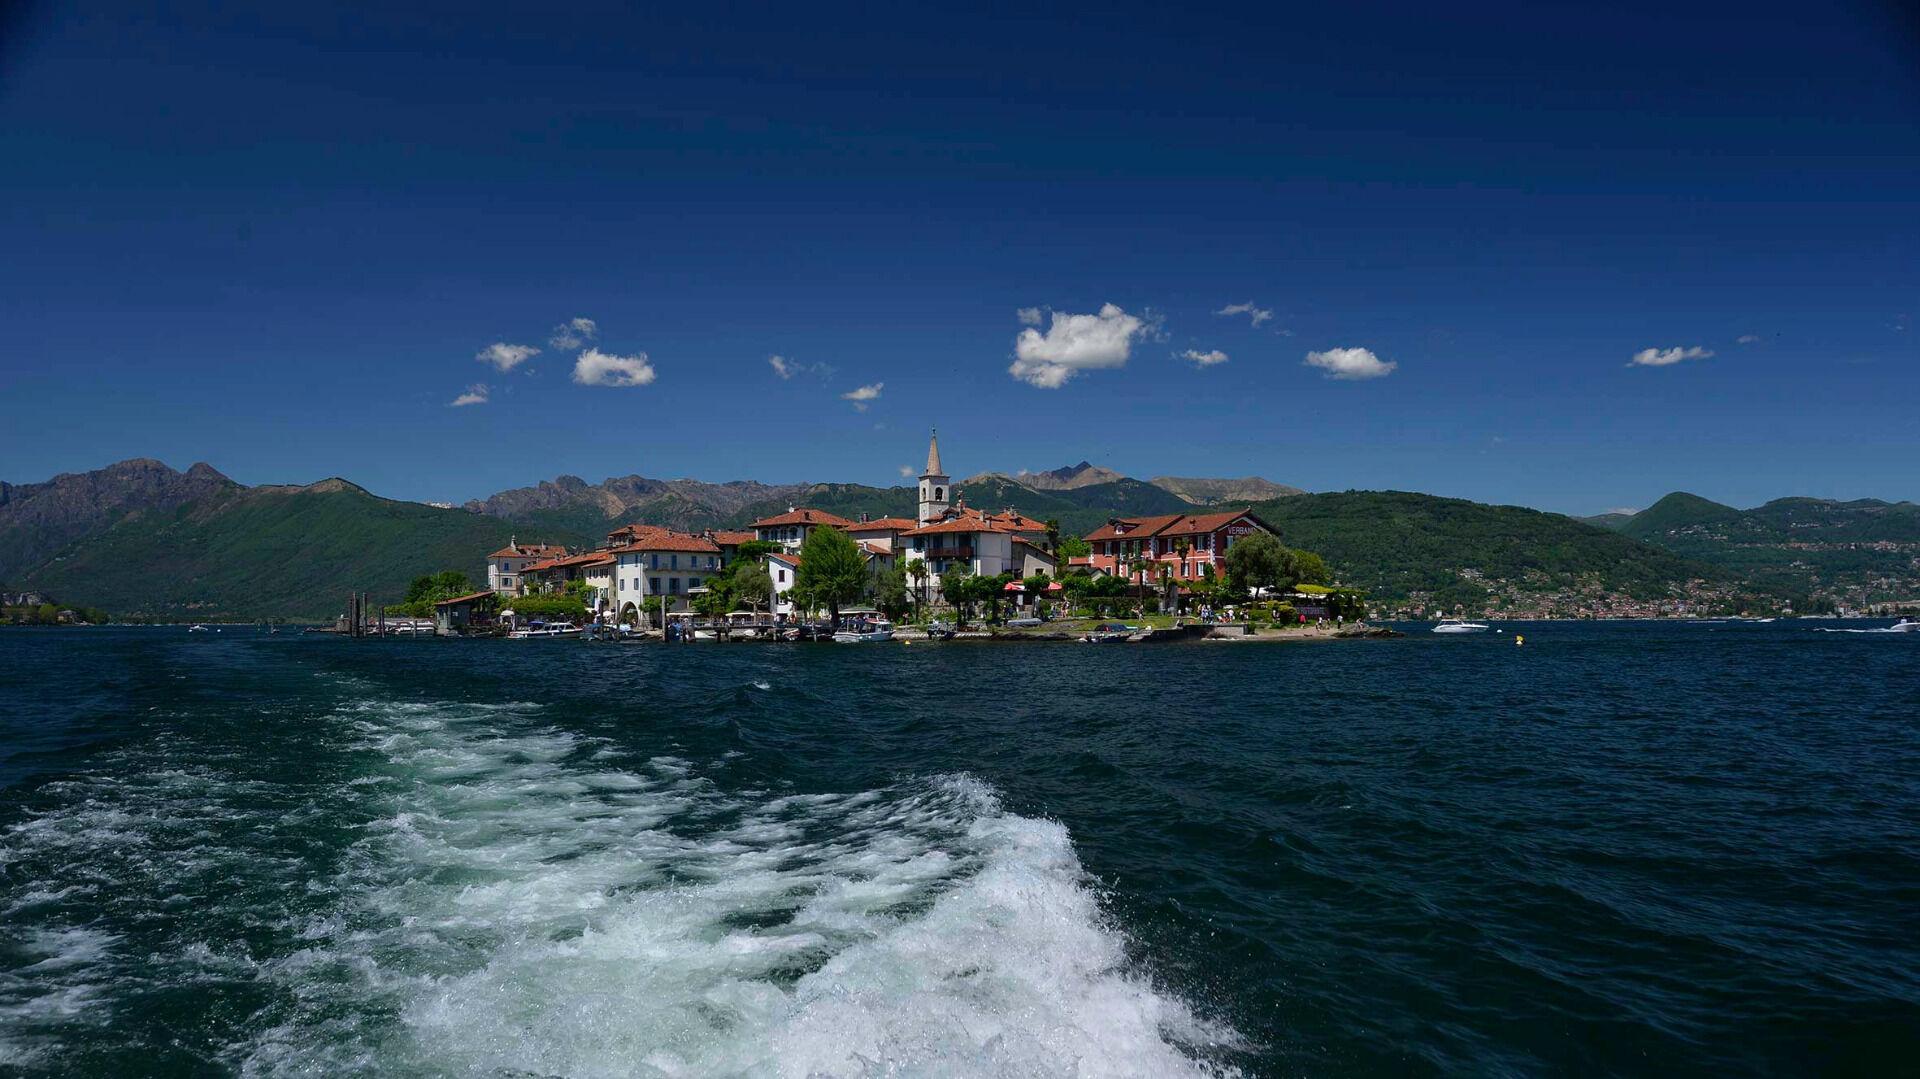 © Roberto Maggioni / www.illagomaggiore.com / Lago Maggiore, Italien - Isola dei Pescatori